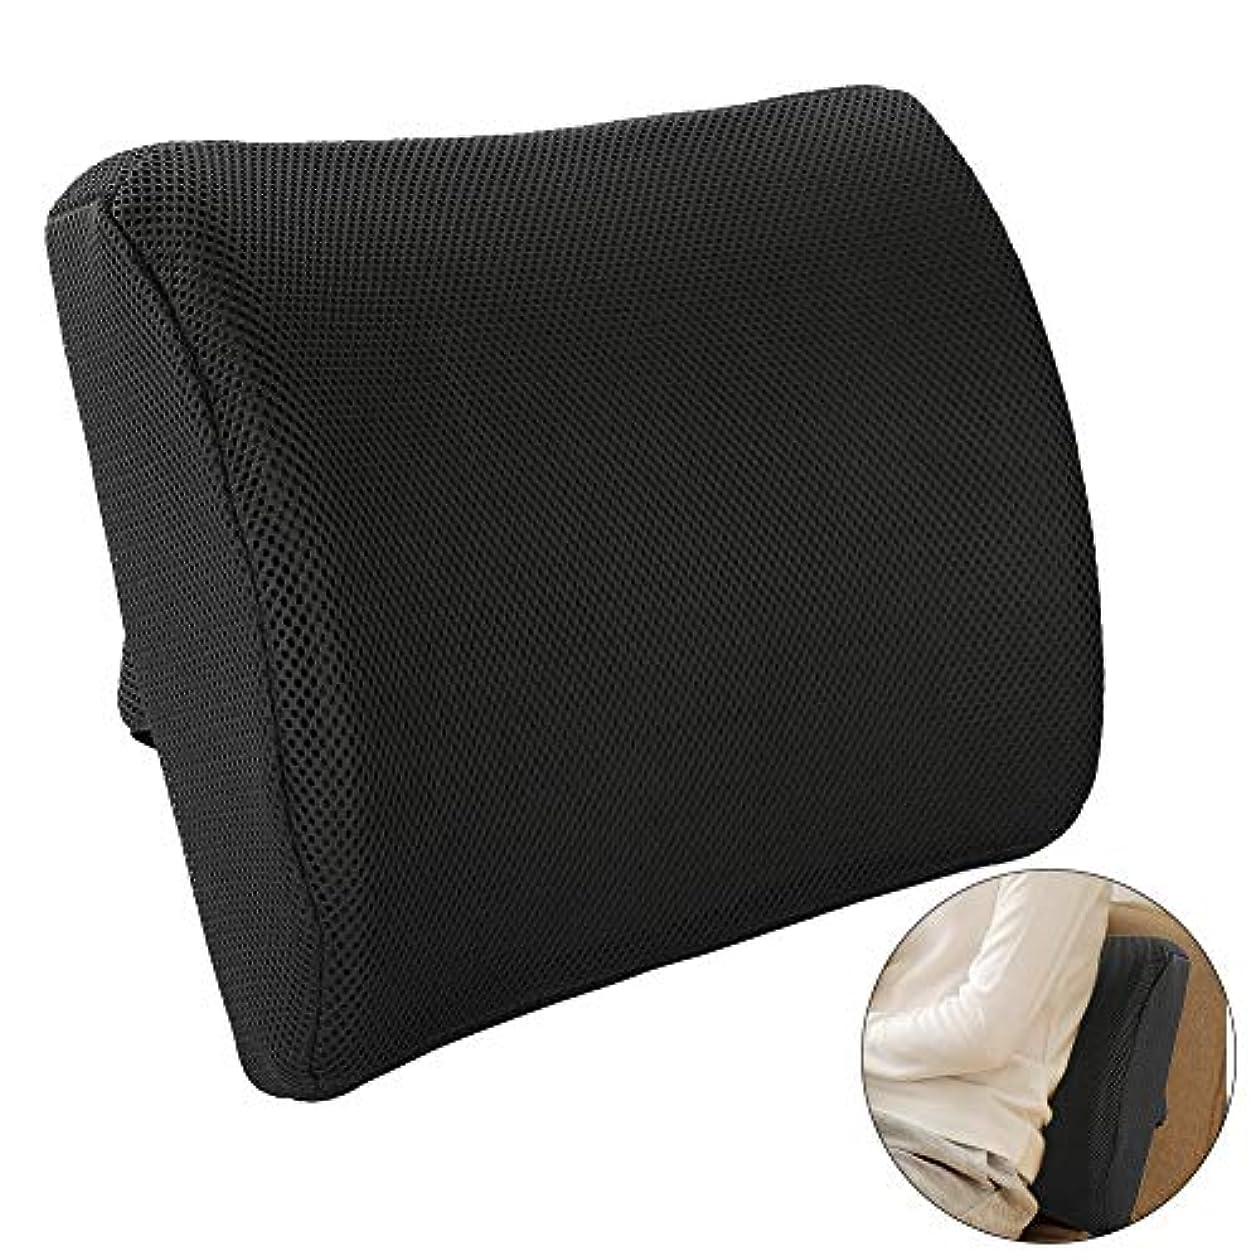 法令オークランド歯痛Semme腰椎サポートピロー低反発パッド、車、家のための背部残りのクッション、腰痛のための救済への旅行